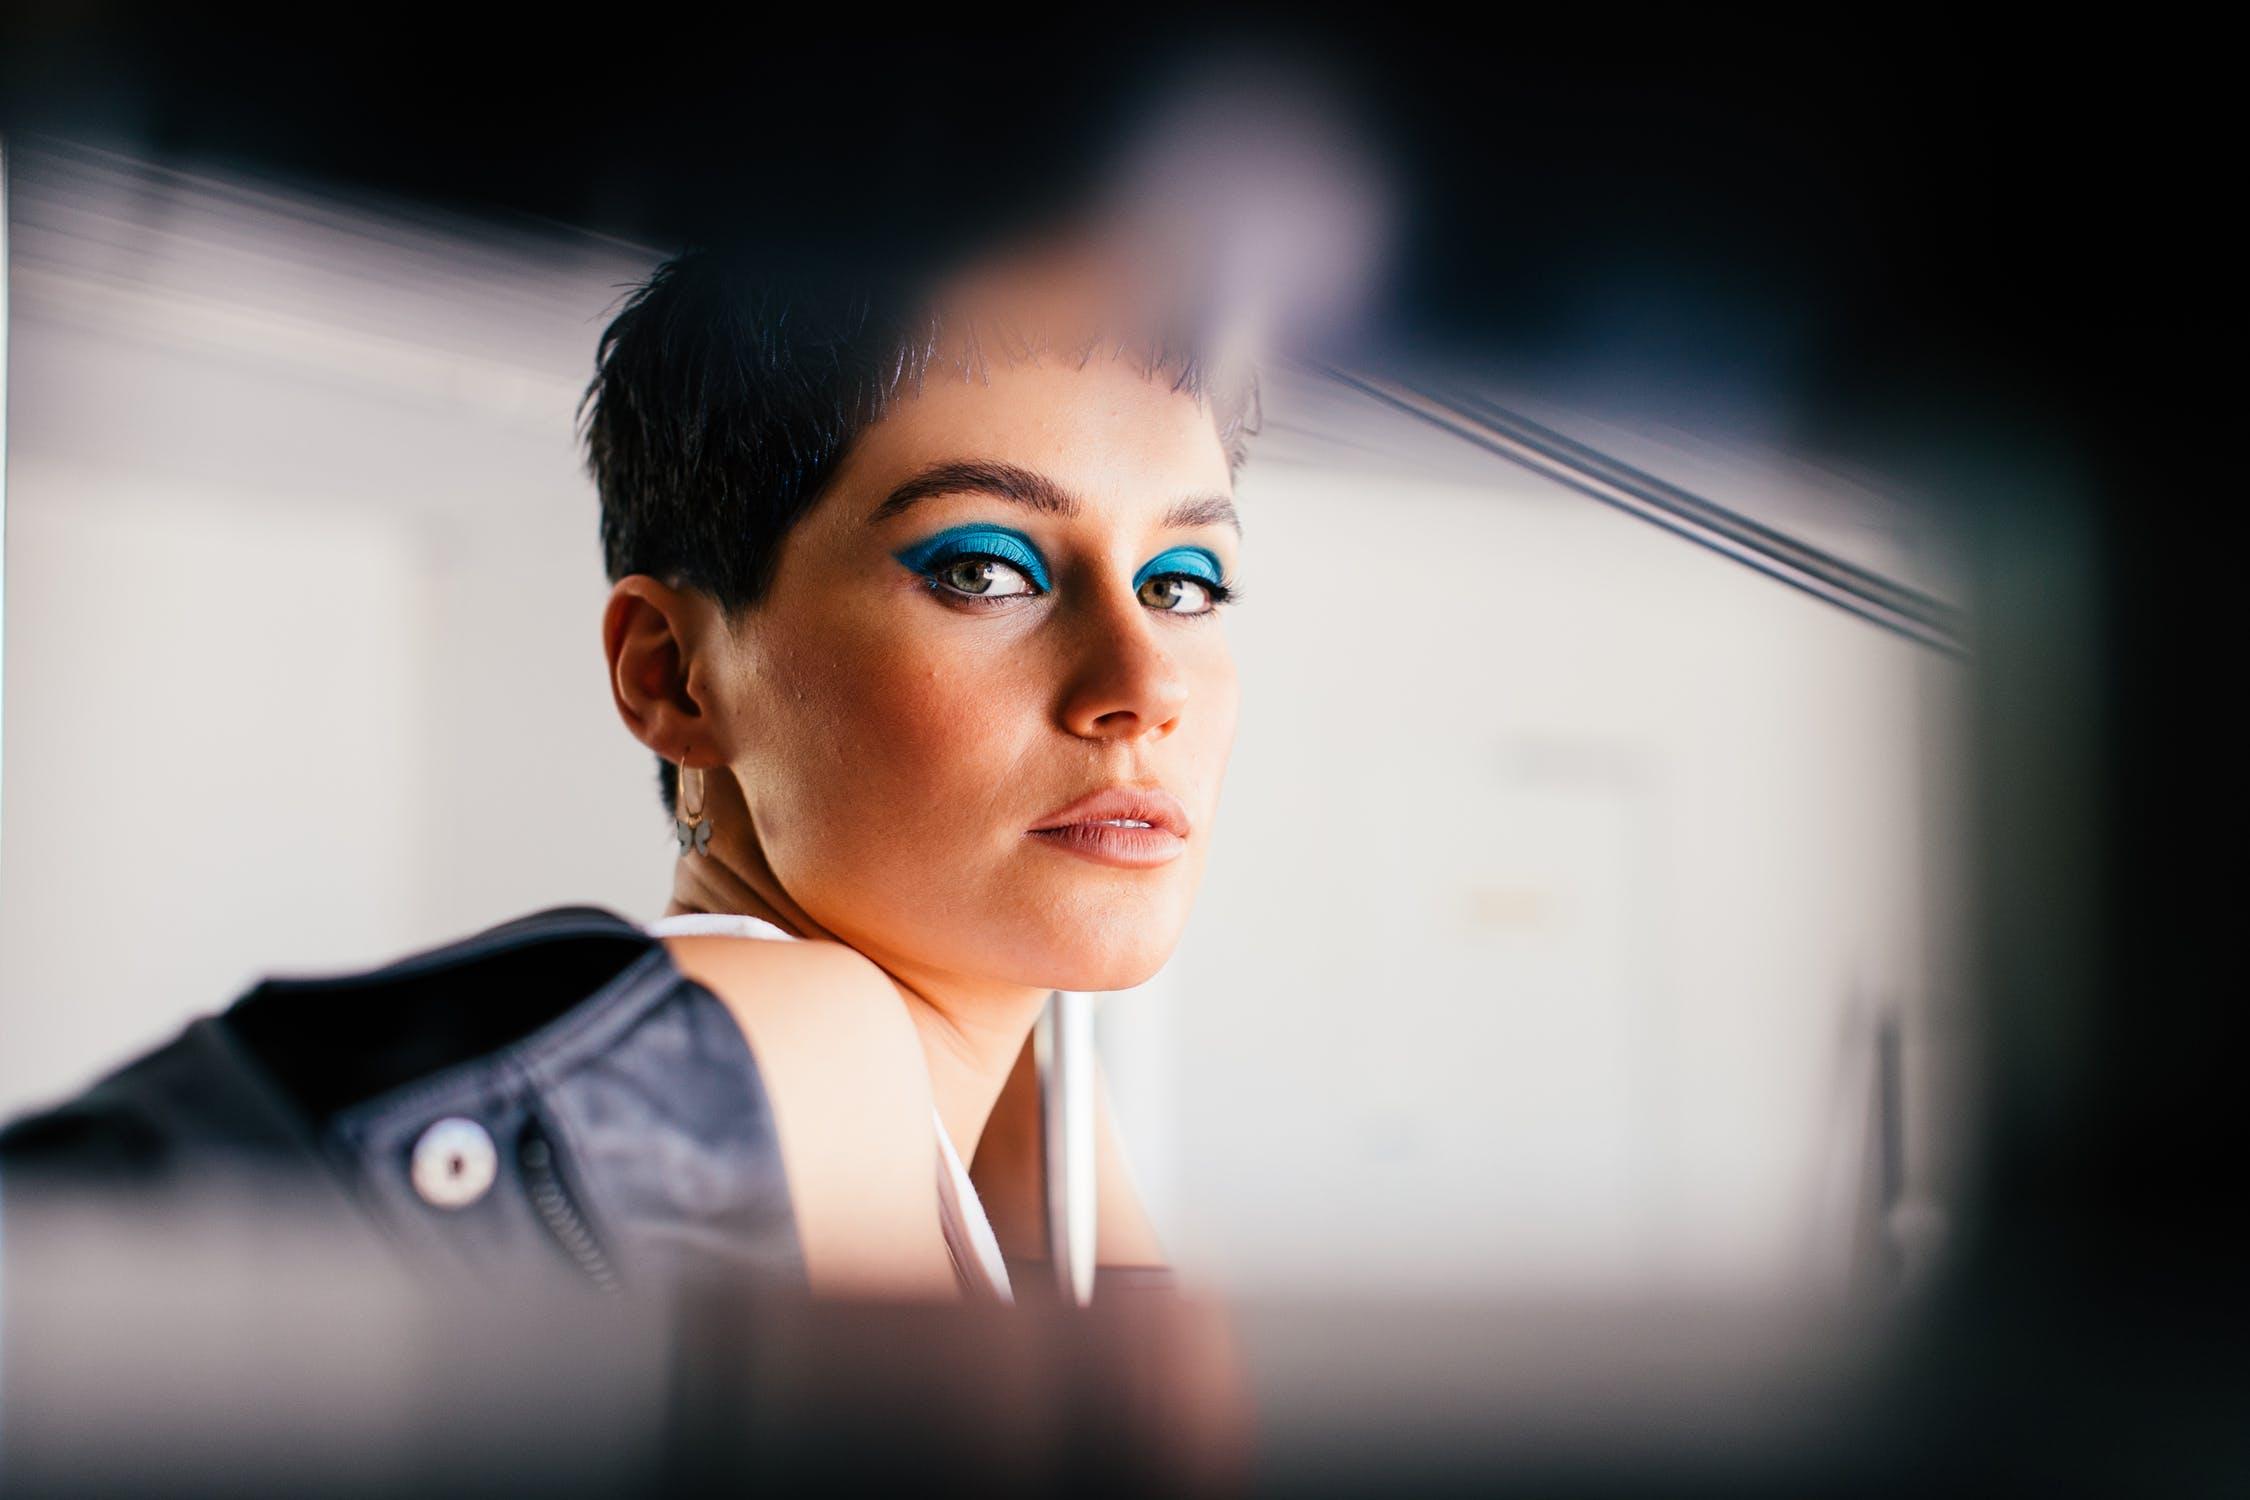 Κορίτσι με μπλε σκιά